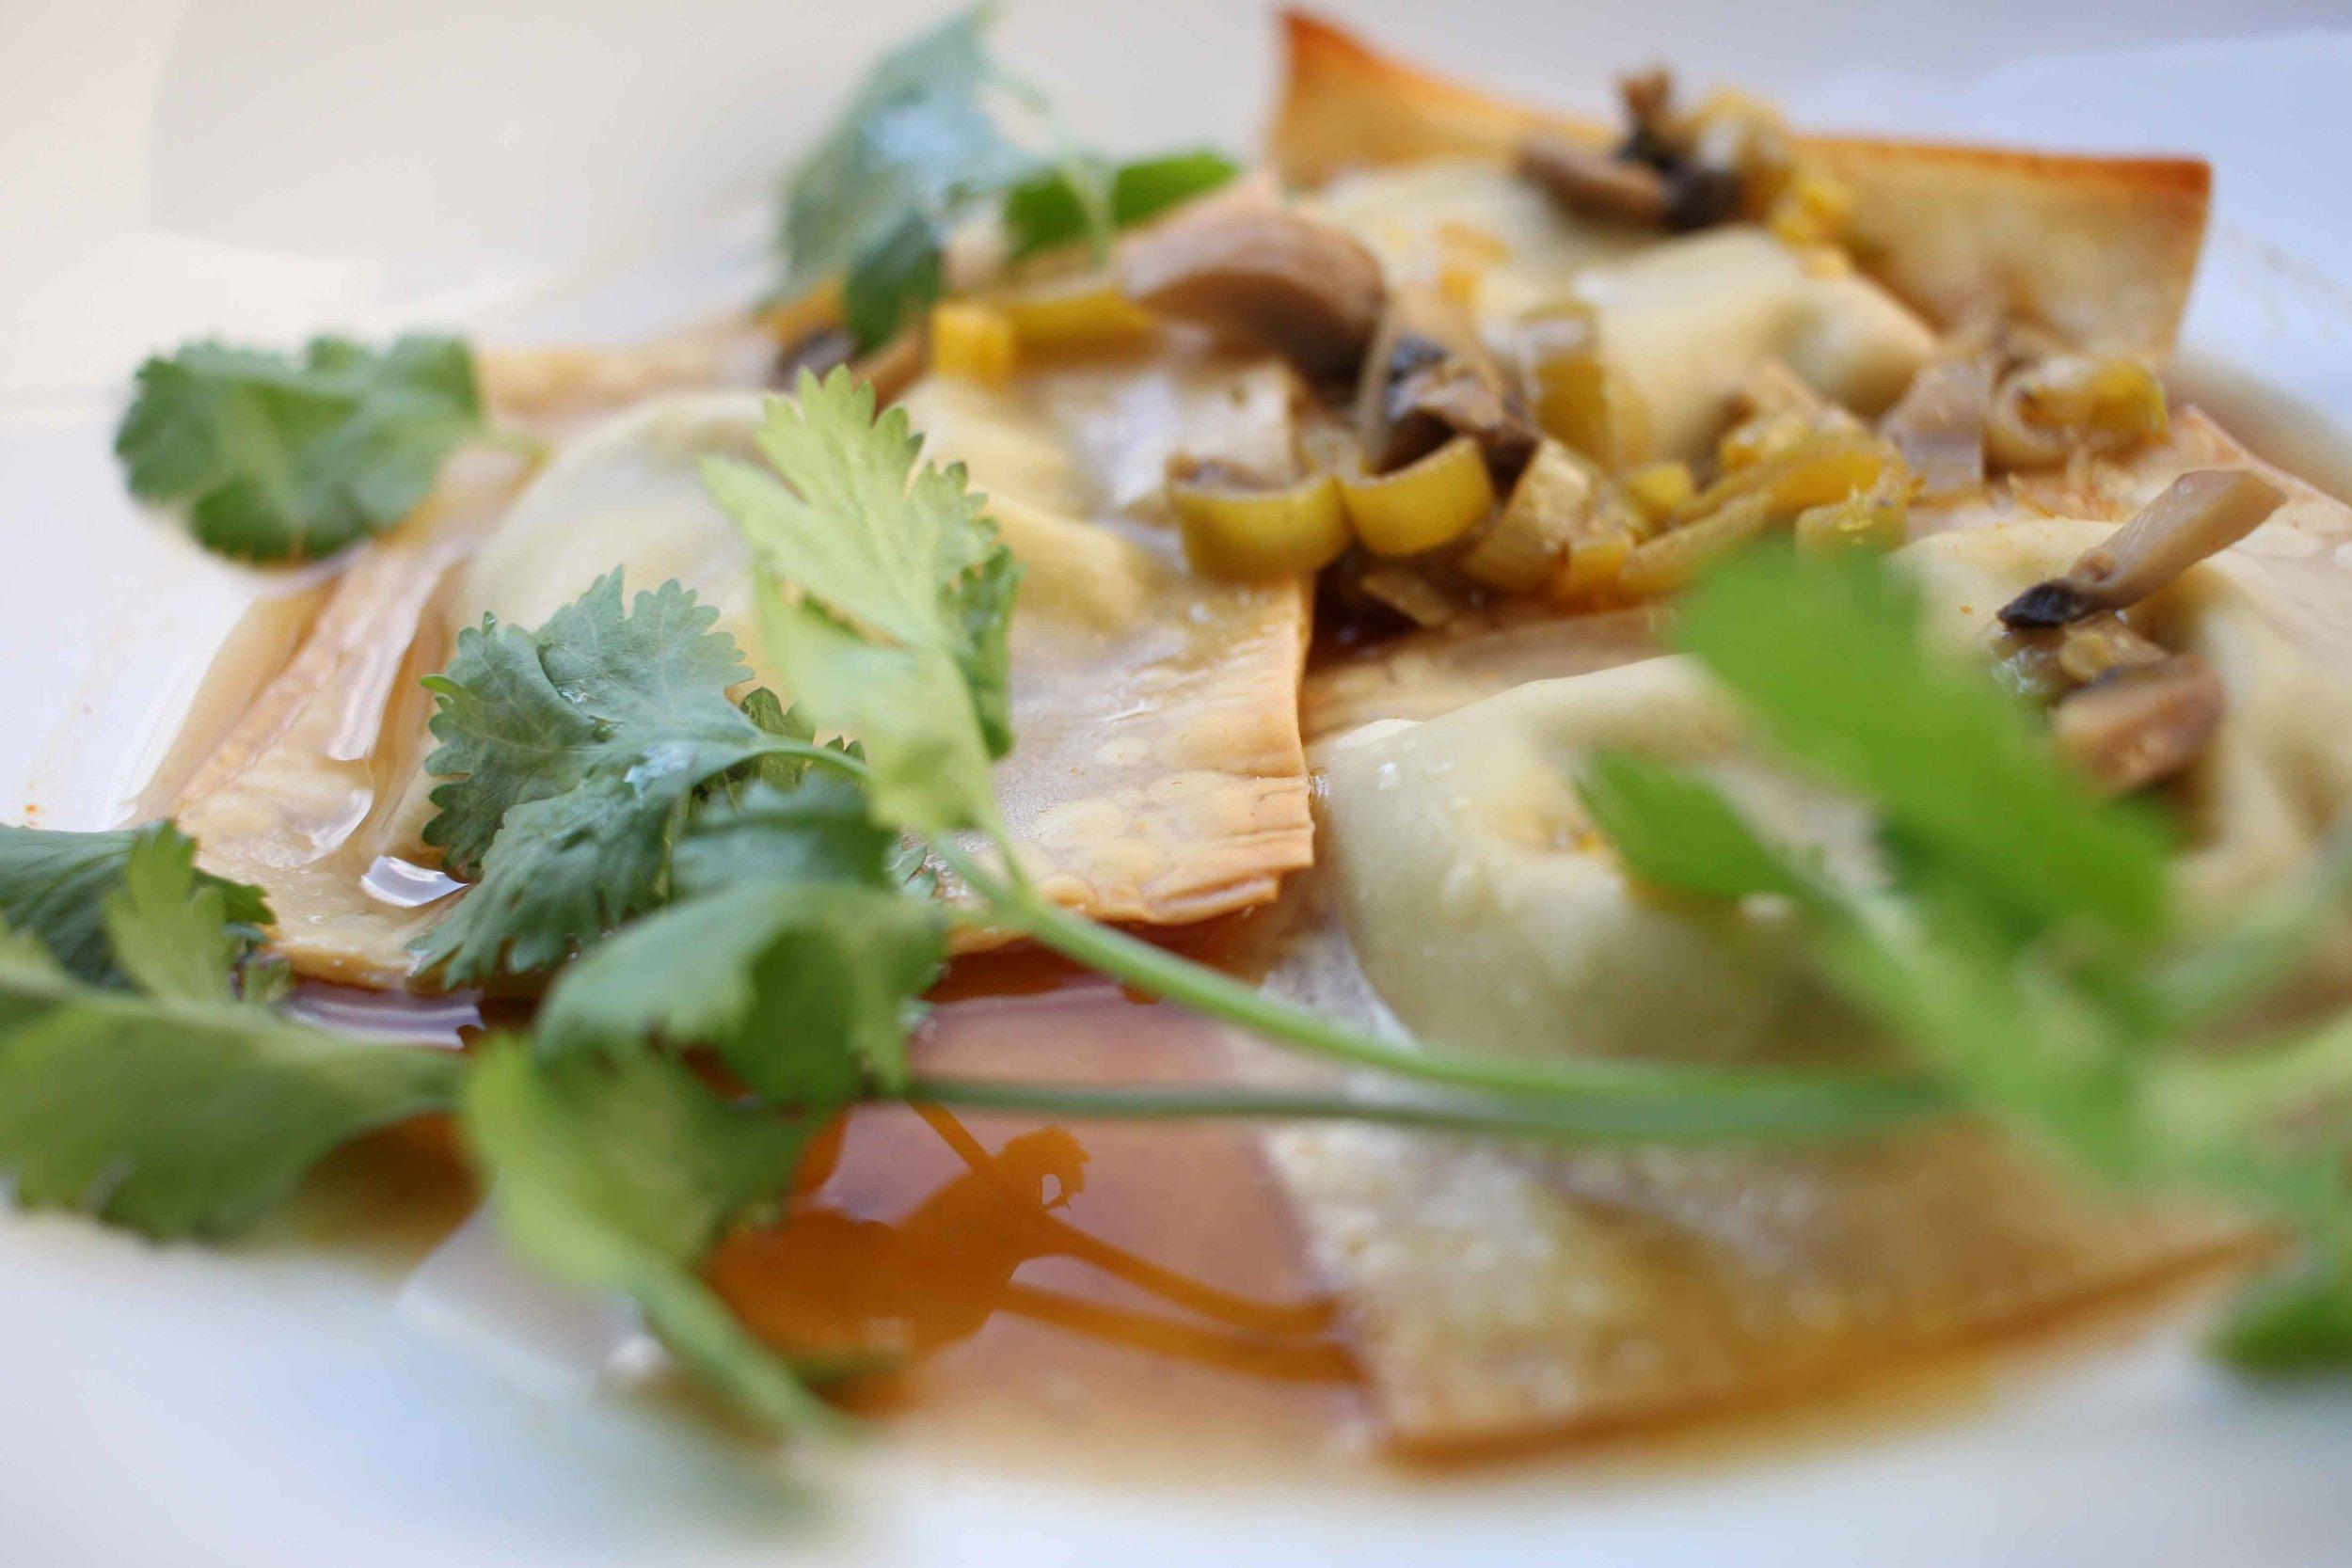 vegetarian herbed edamame dumplings recipe charisma shah